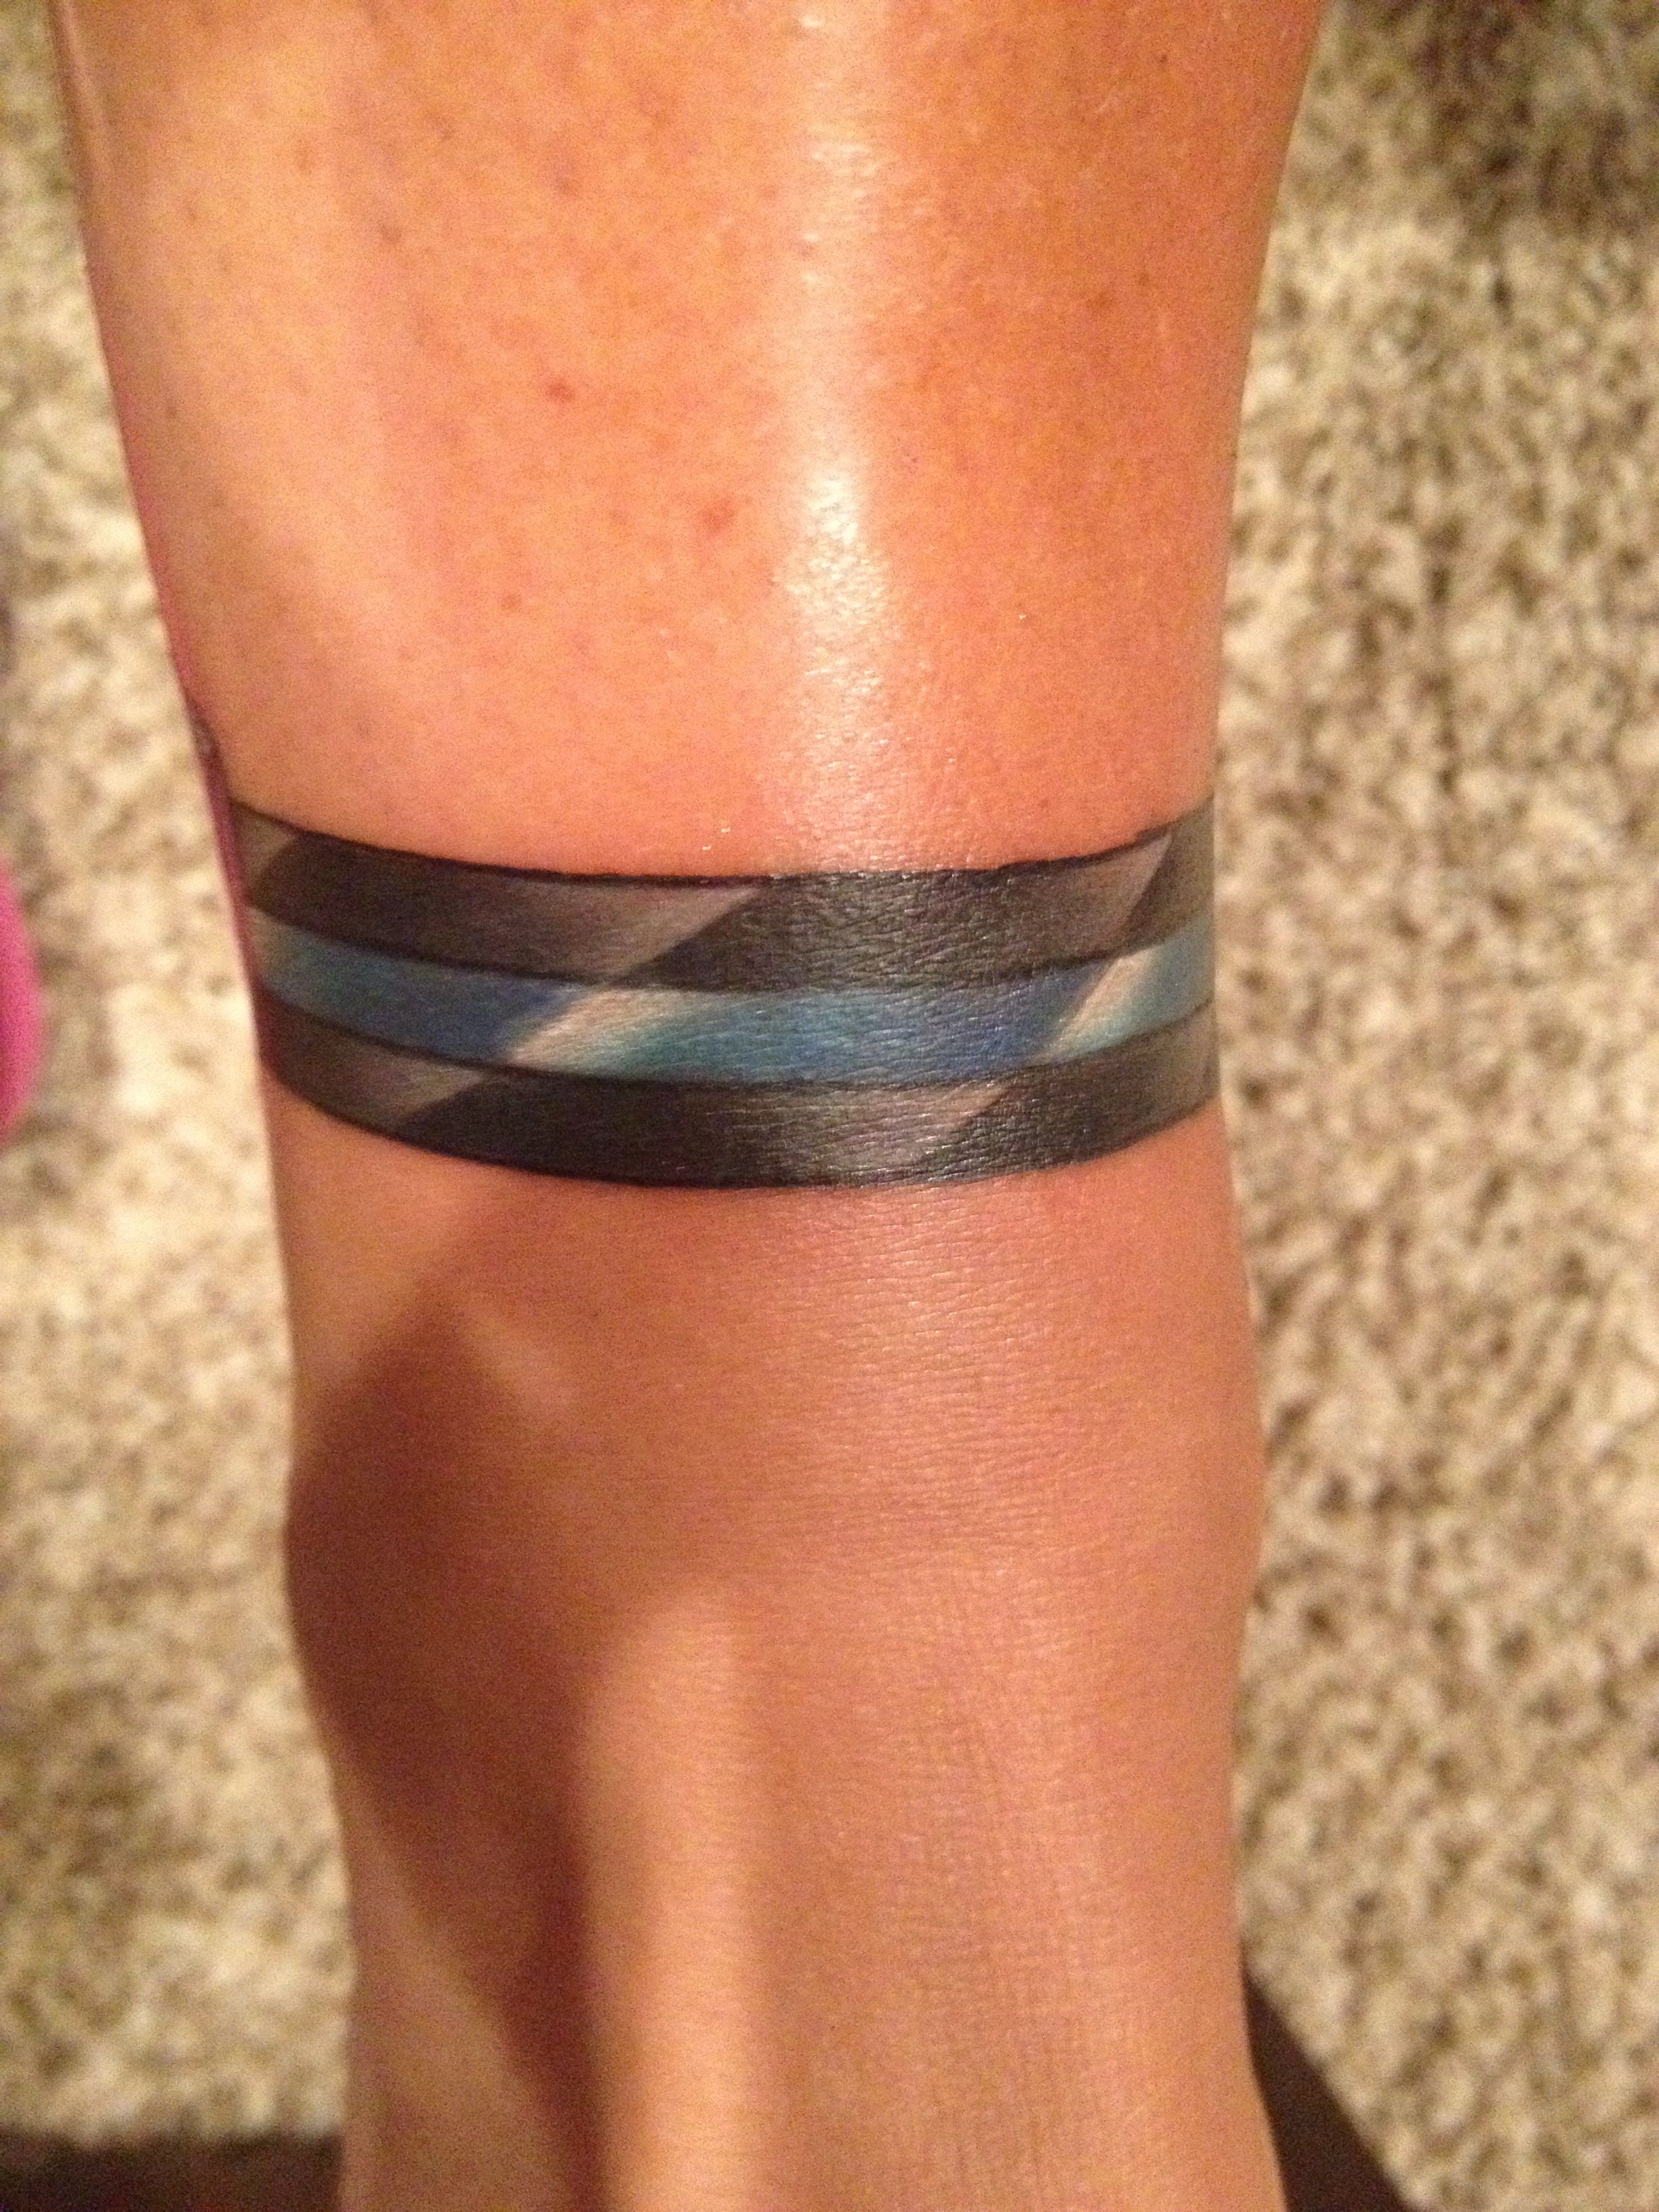 Thin blue line tattoo law enforcement tattoo 39 s for Thin blue line tattoo designs